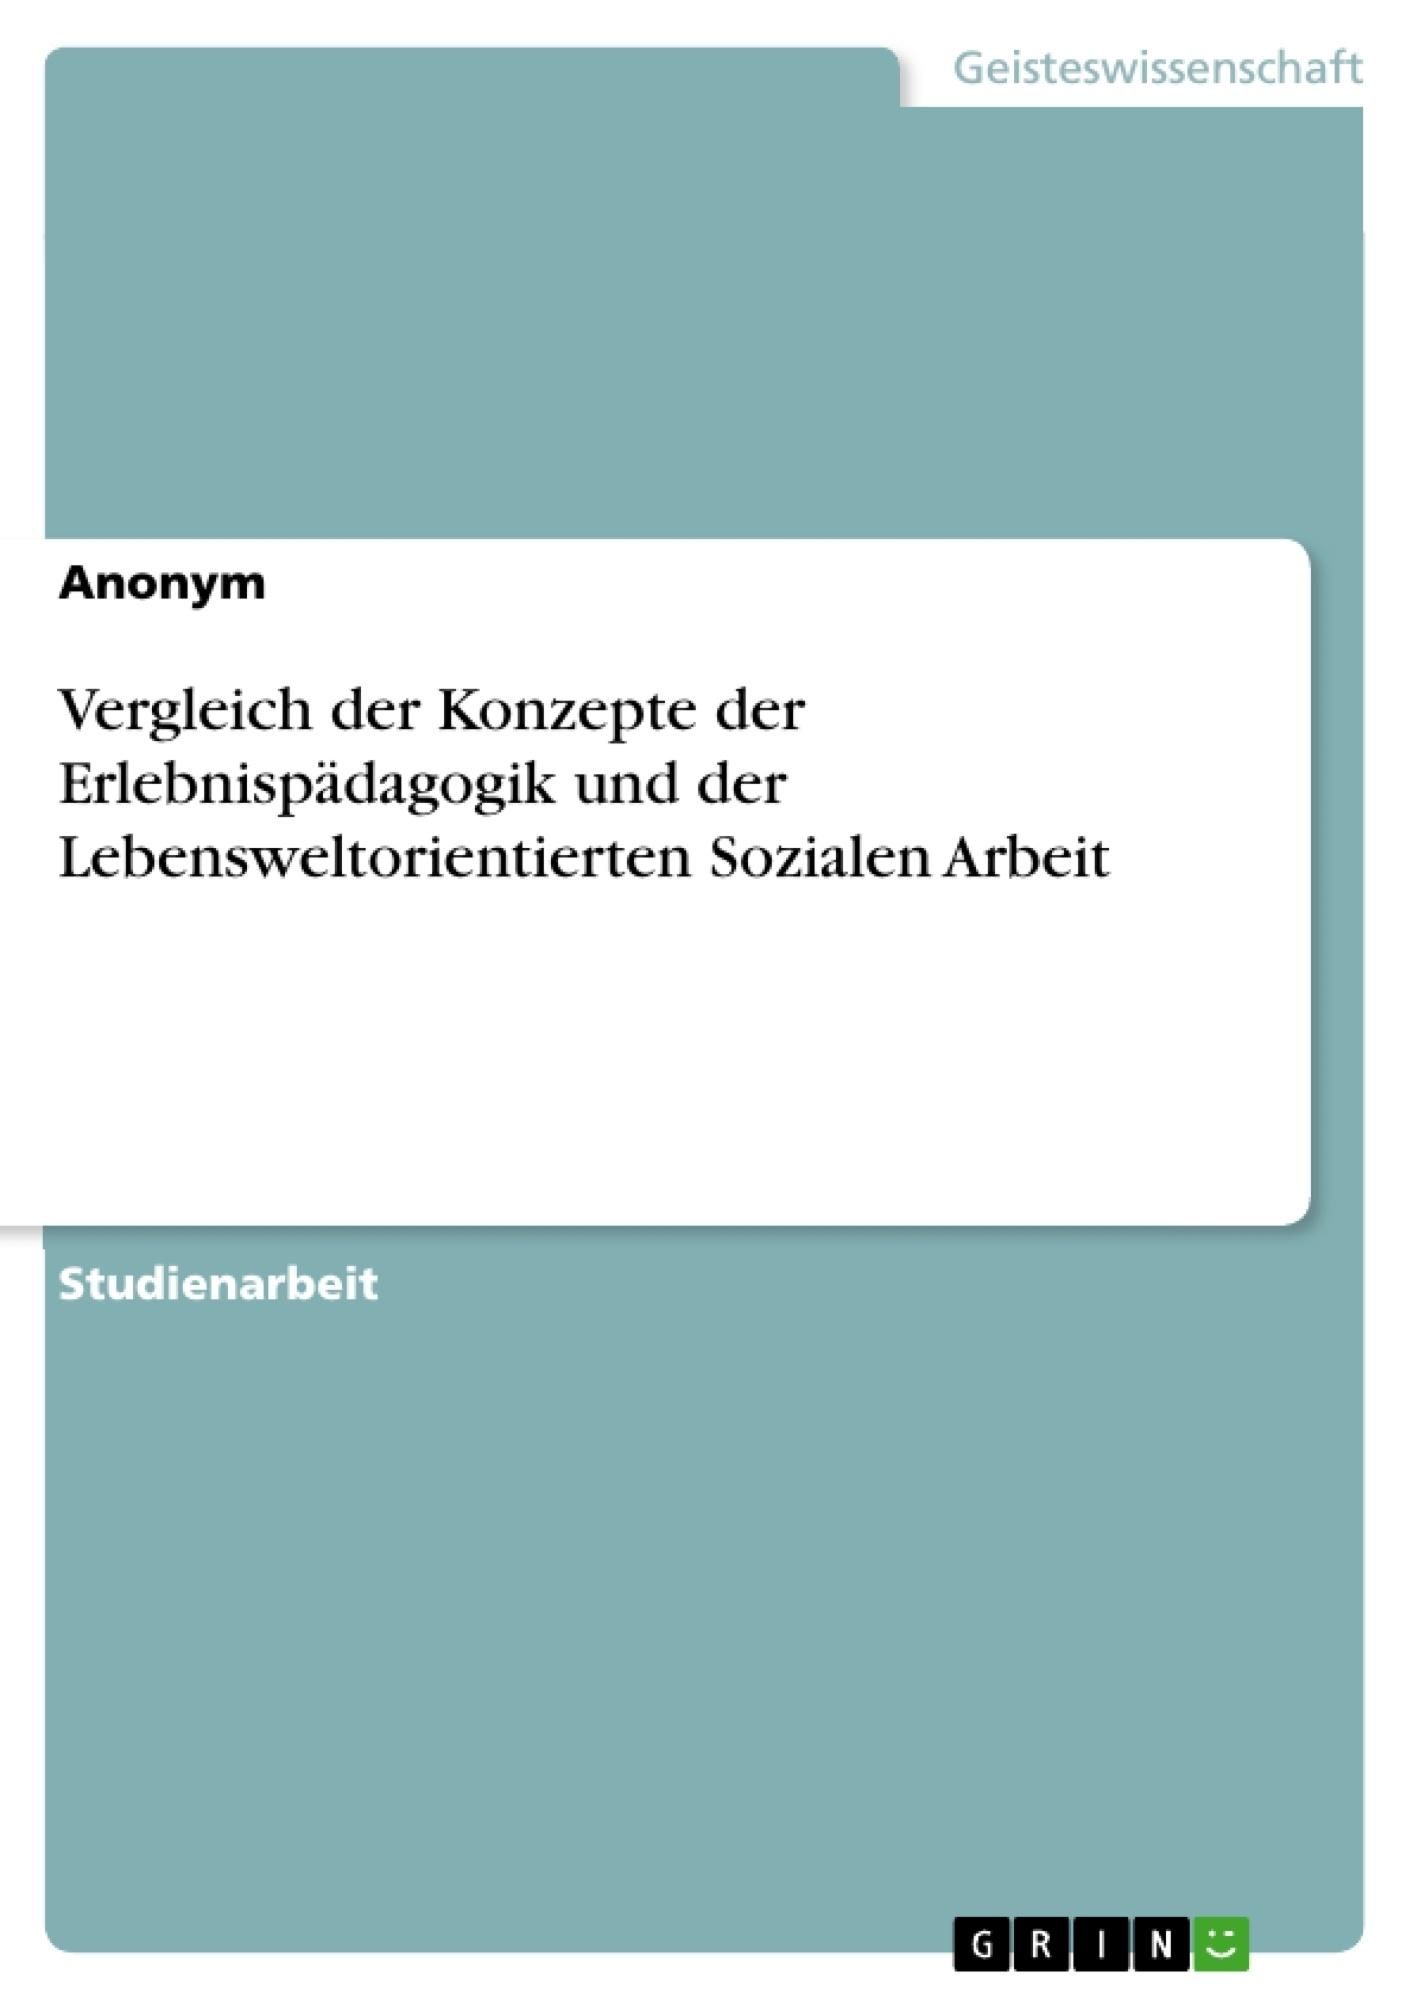 Titel: Vergleich der Konzepte der Erlebnispädagogik und der Lebensweltorientierten Sozialen Arbeit